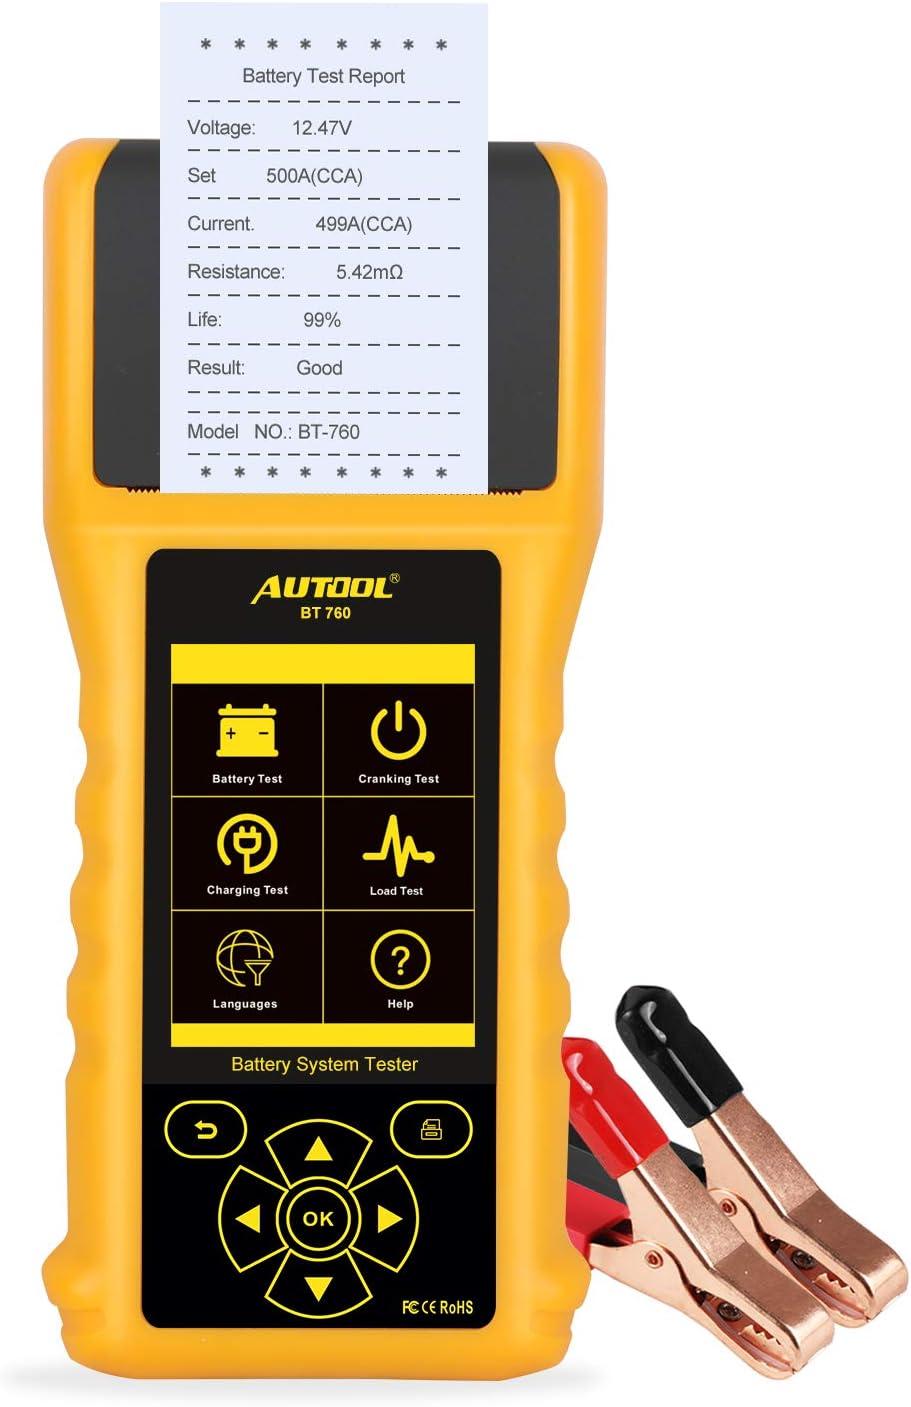 AUTOOL BT-760 6V / 12V / 24V Comprobador Baterias Coche, 20-3000 EN Analizador de Diagnóstico Probador Bateria con Impresora Térmica Incorporada